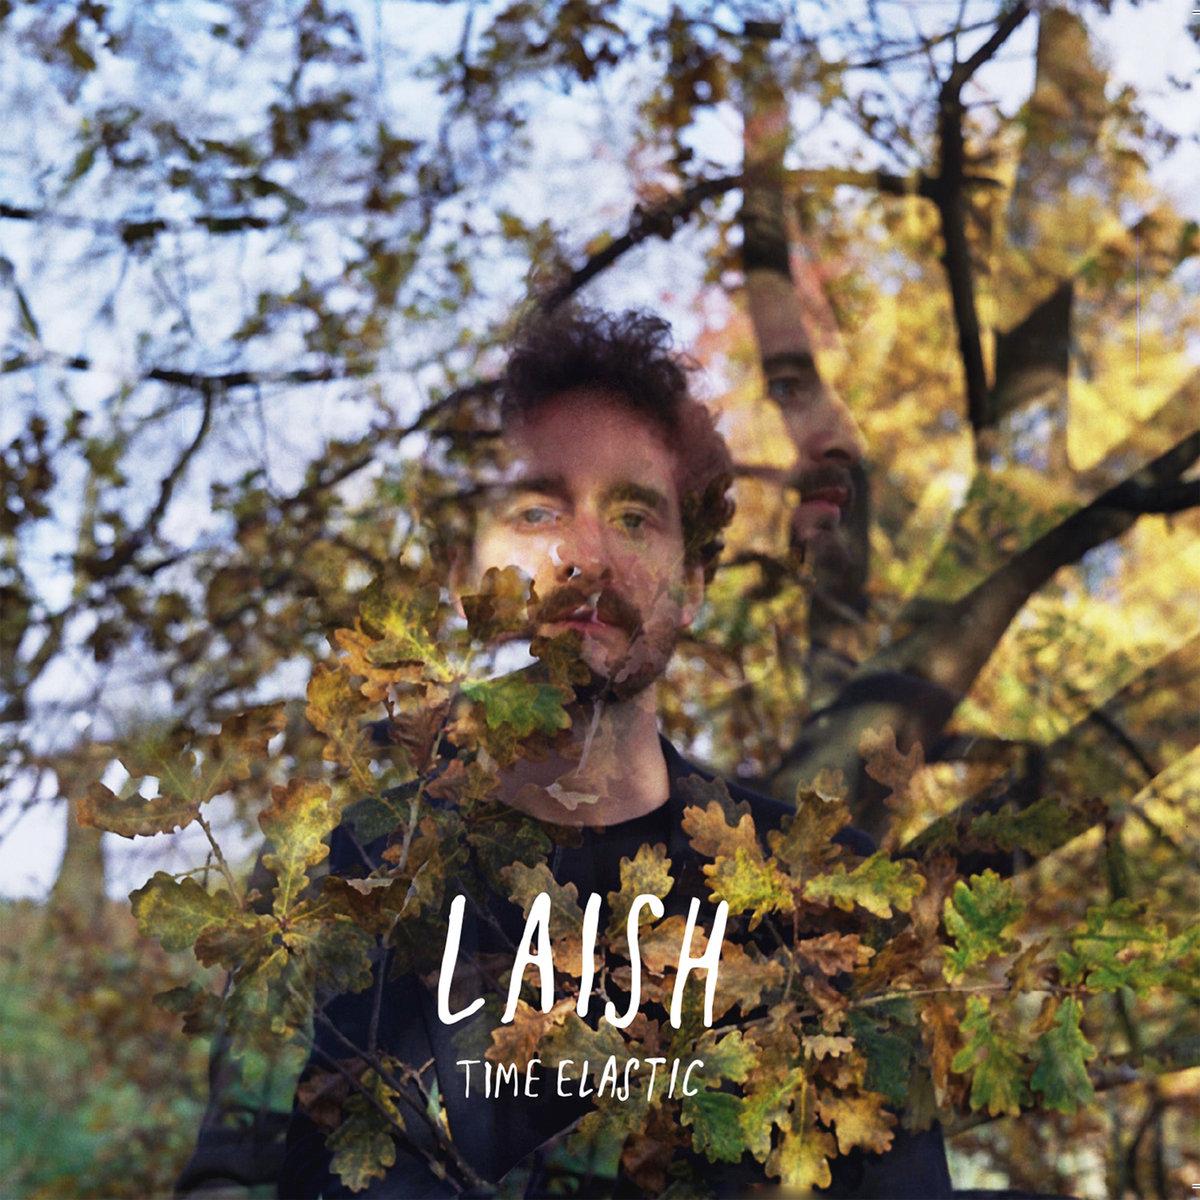 """Résultat de recherche d'images pour """"laish time elastic cd"""""""